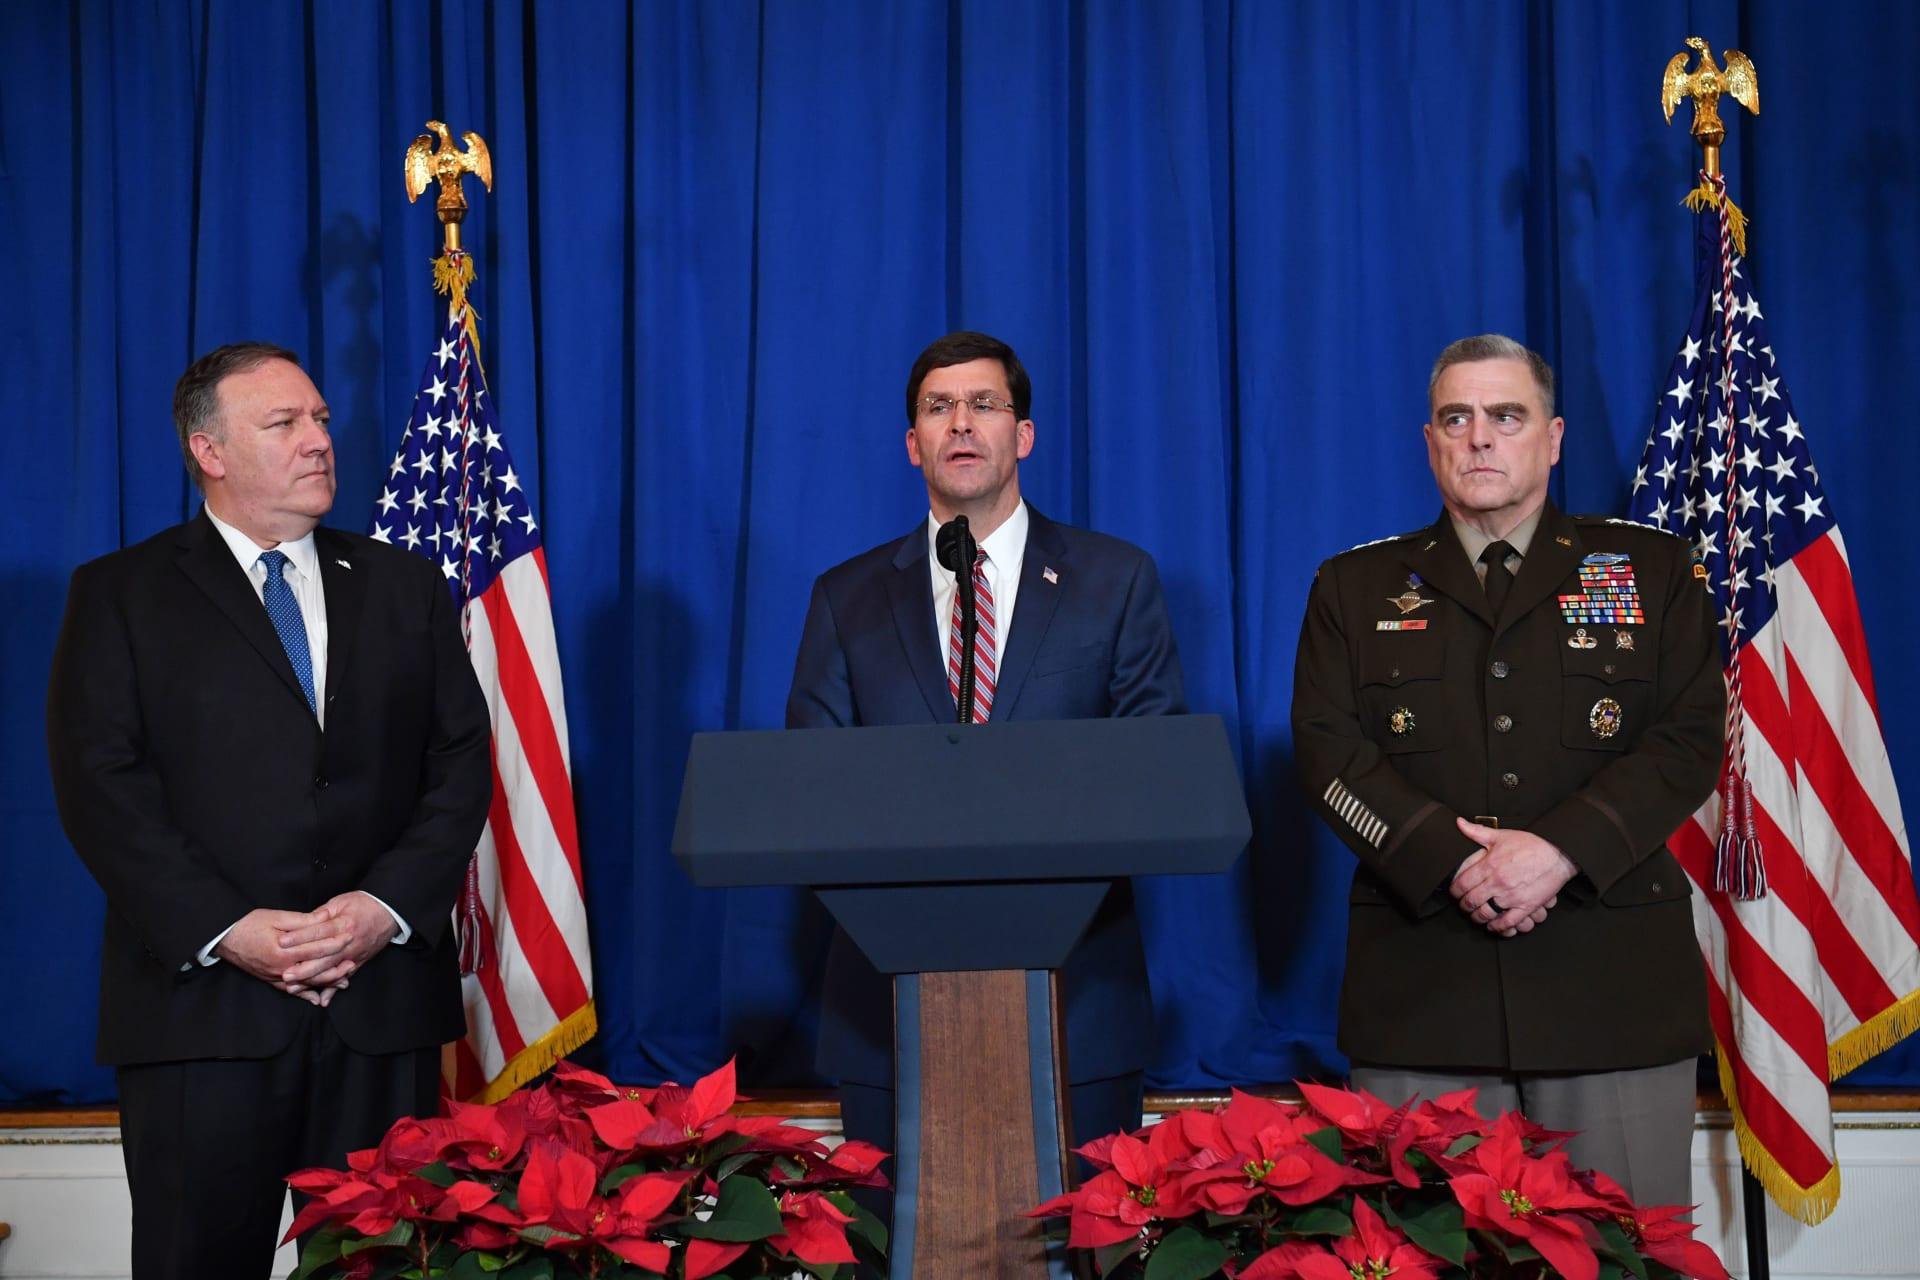 رئيس هيئة الأركان المشتركة الأمريكية مارك ميلي ووزير الدفاع مارك إسبر ووزير الخارجية مايك بومبيو